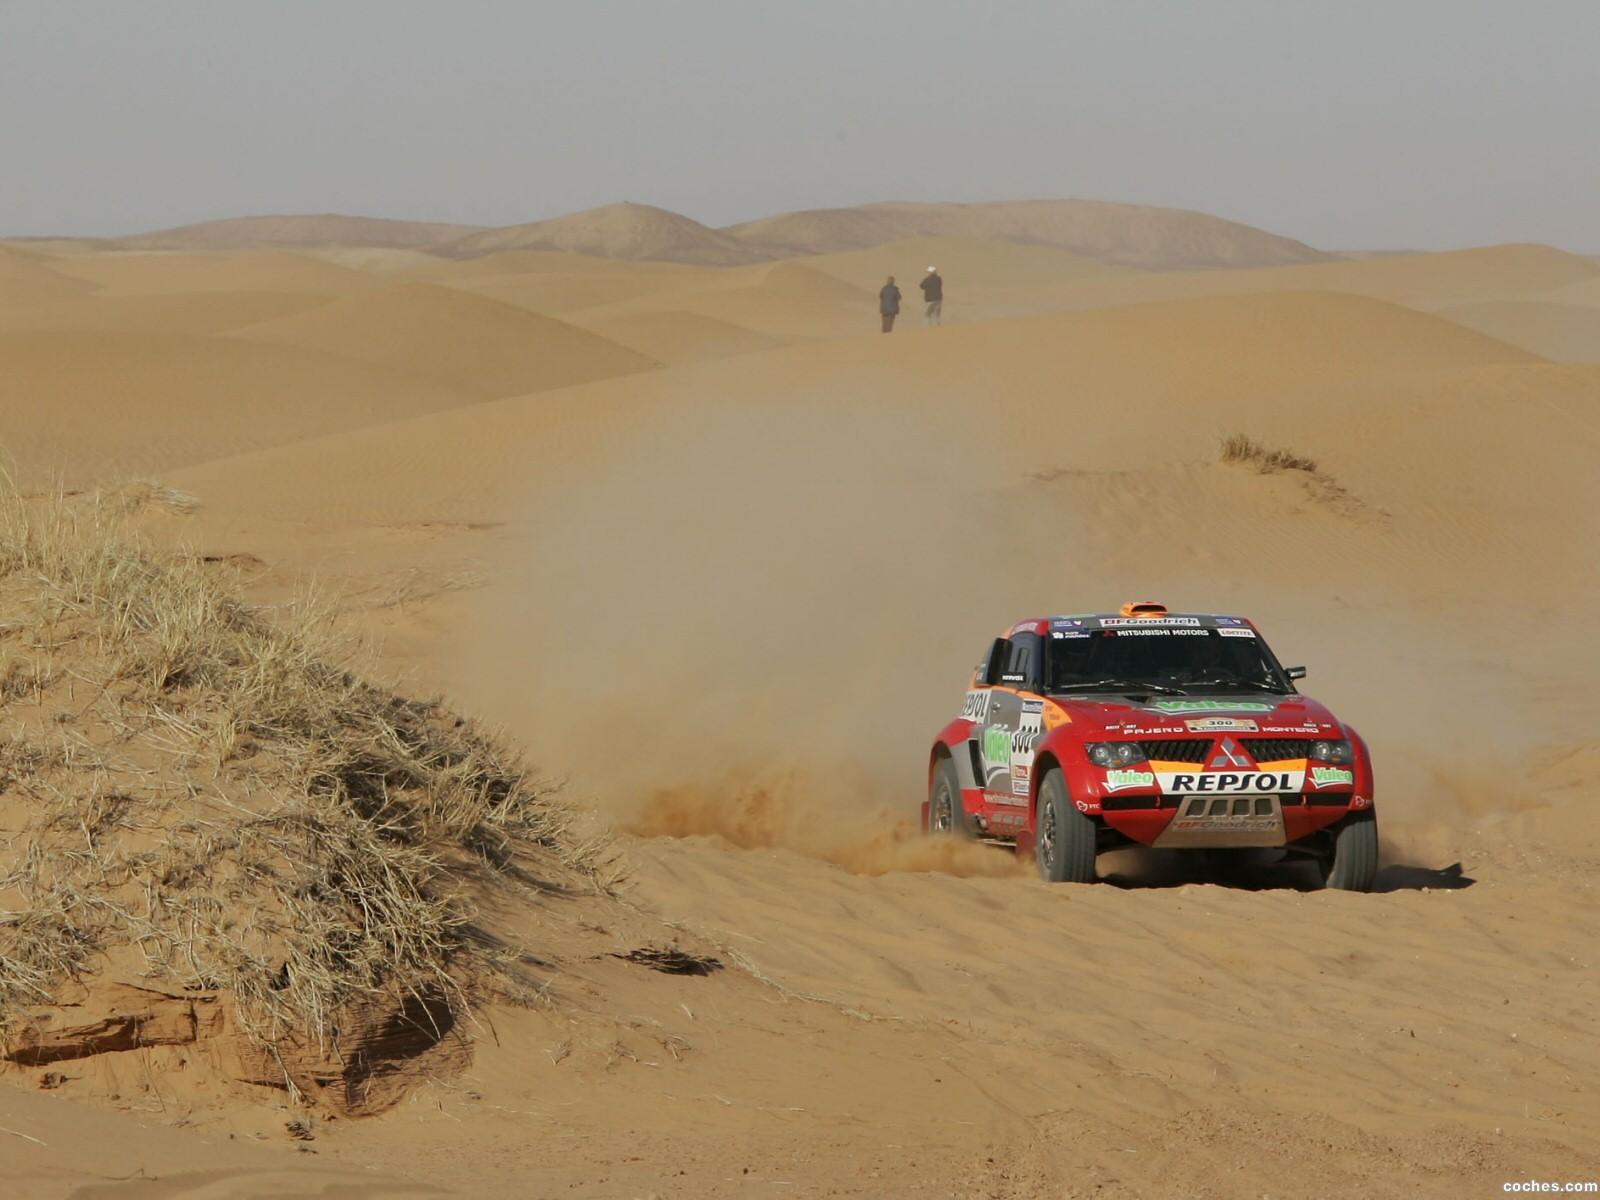 Foto 3 de Mitsubishi Pajero Dakar 2006